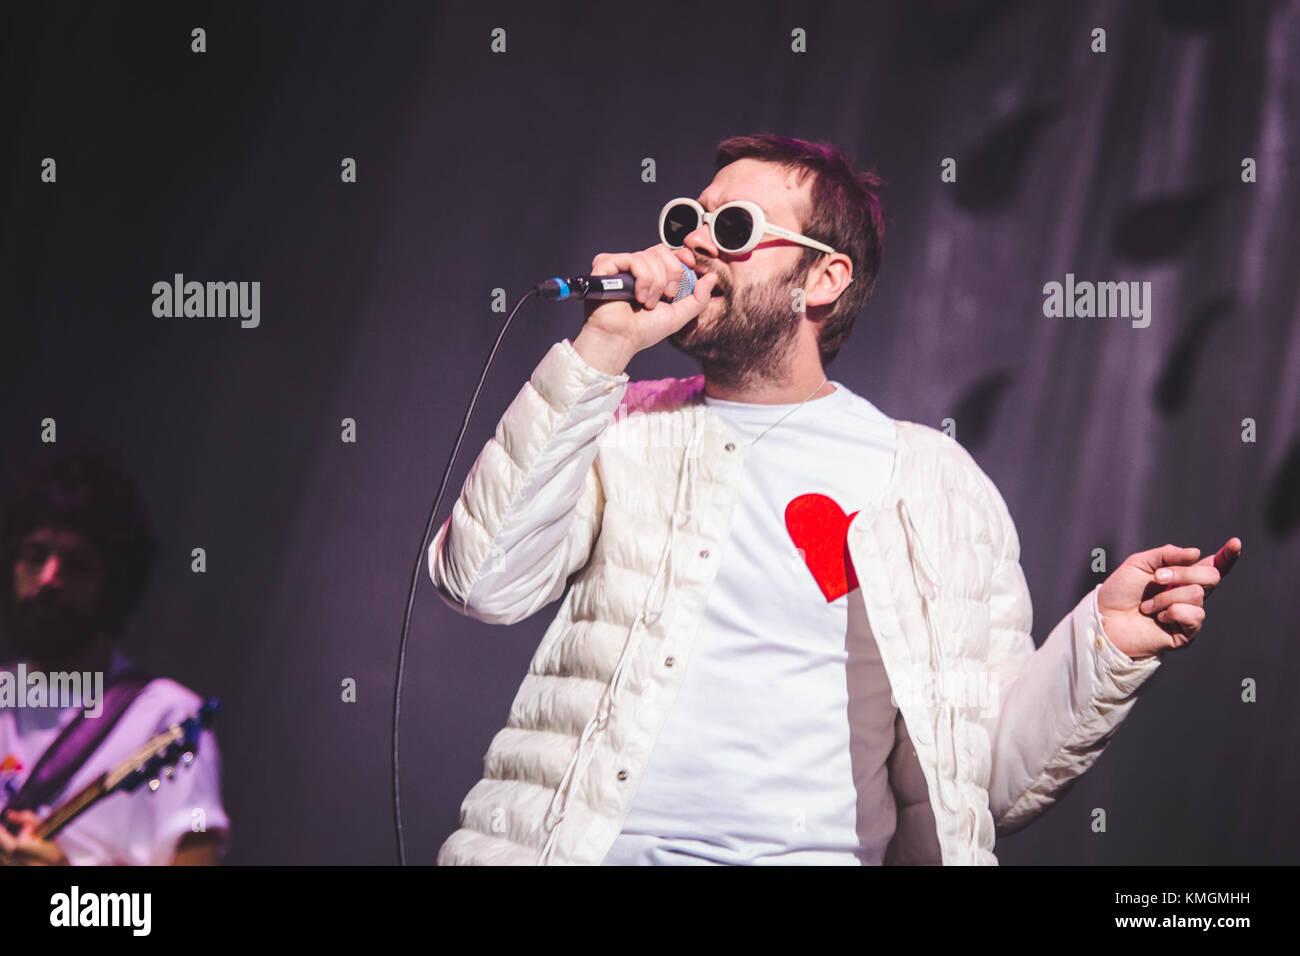 Leeds, UK. December 7, 2017 - Tom Meighan of the British Indie Rock ...